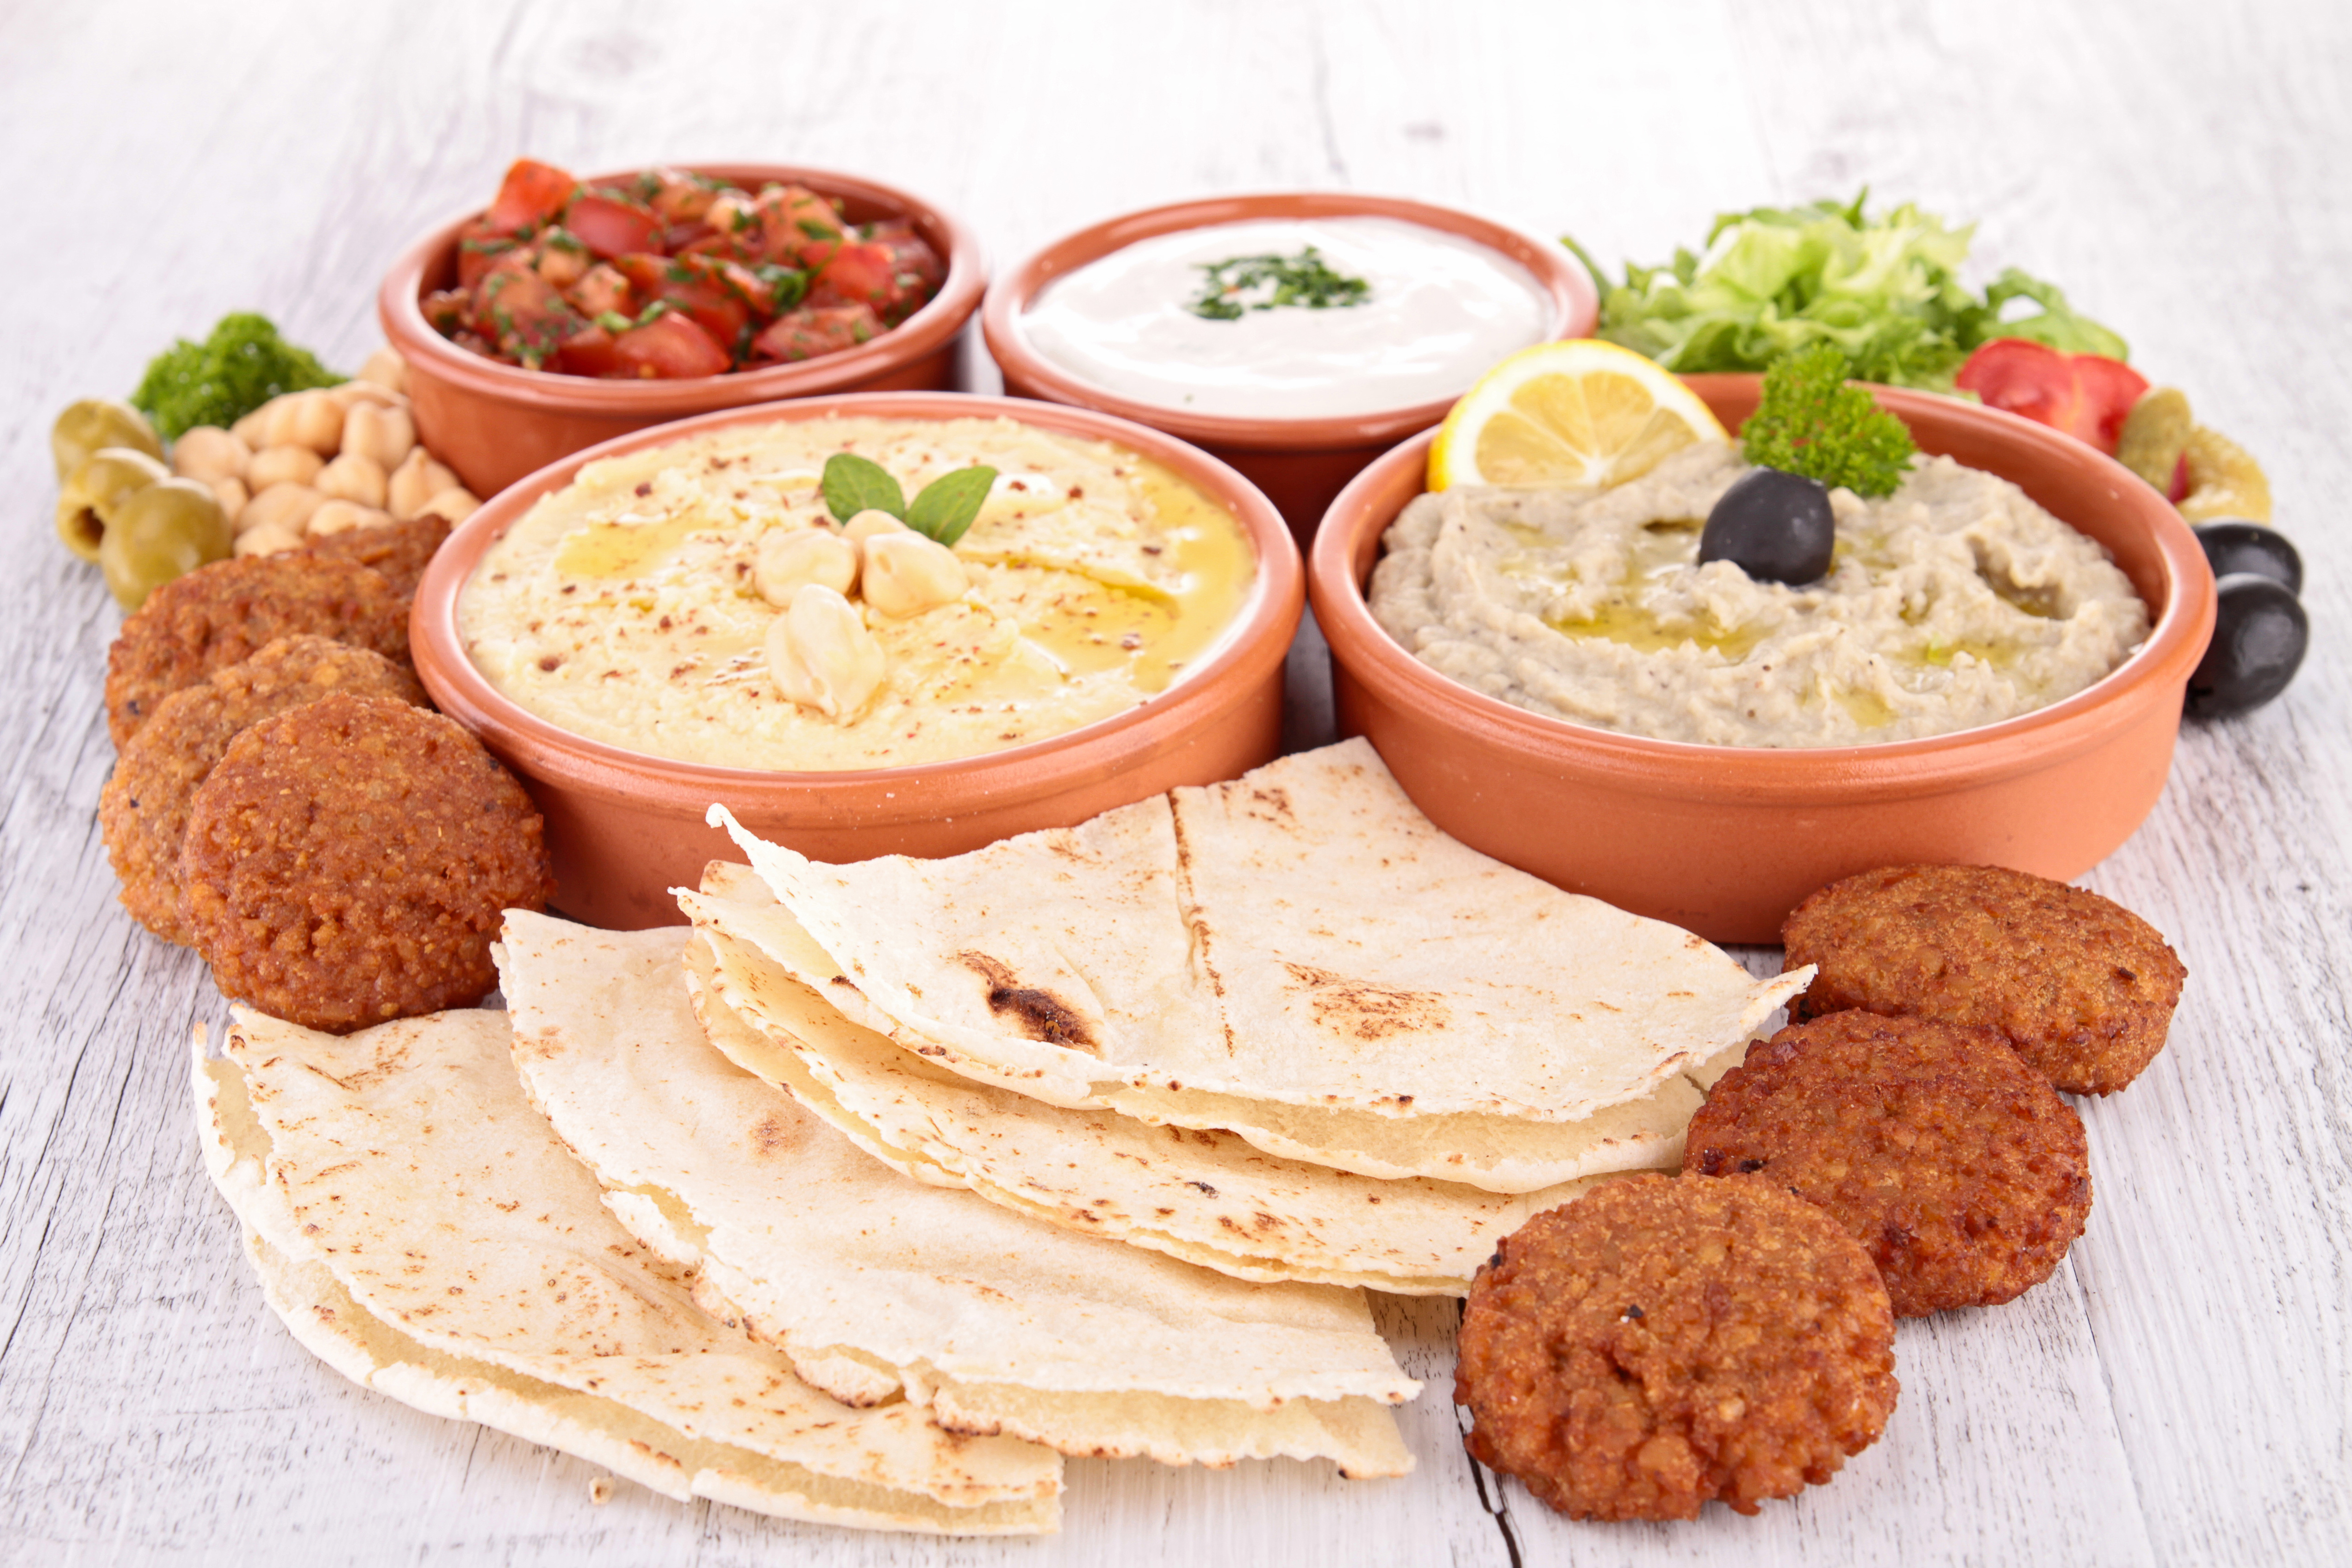 D couvrez la cuisine libanaise - Livre de cuisine libanaise ...